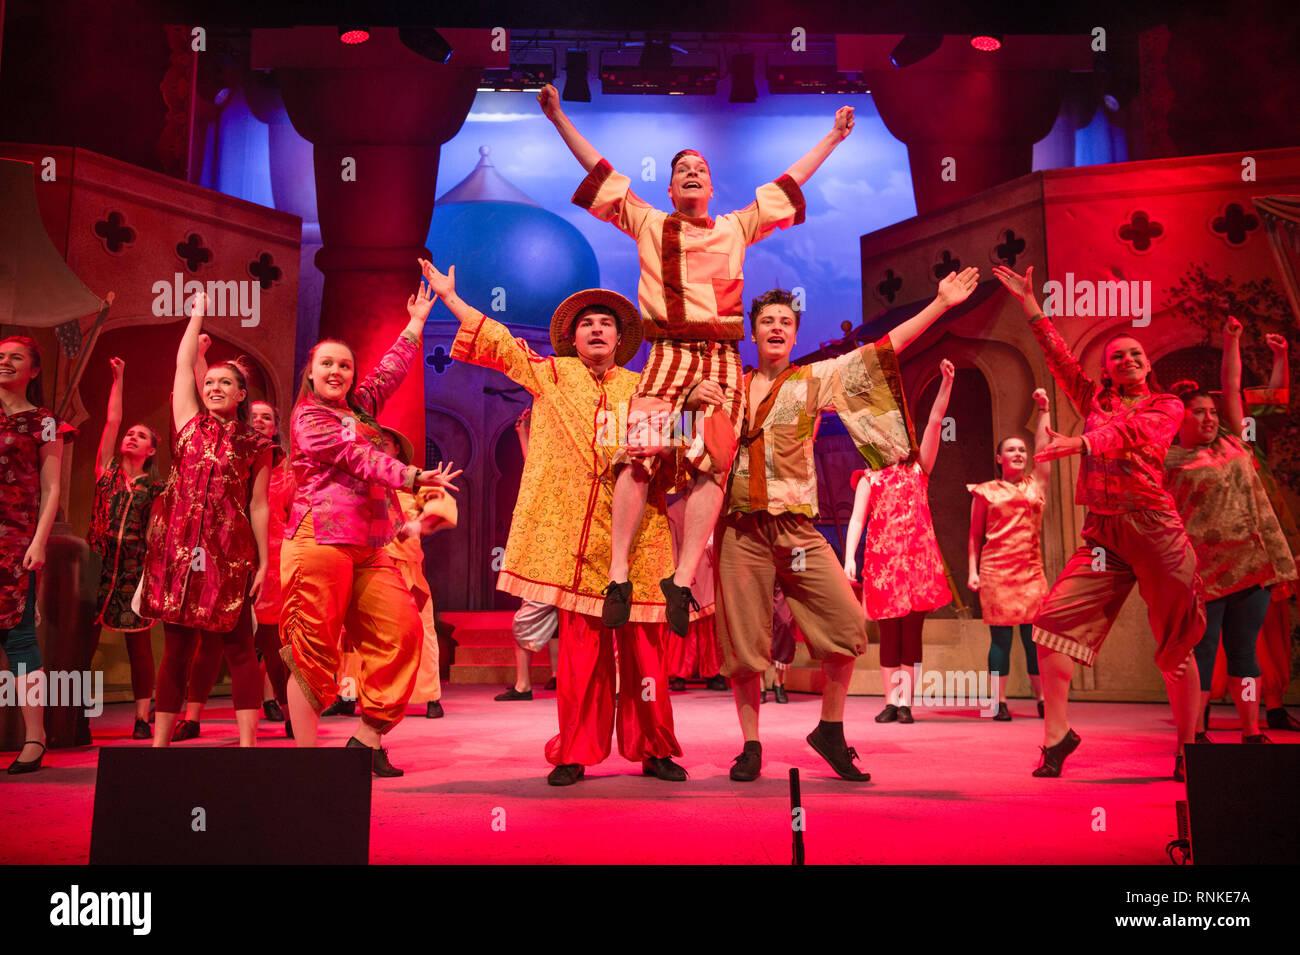 Pantomime traditionnelle britannique de divertissement familial de Noël: un non-amateur local professionnel theatre company (les gardiens) sur scène à Aberystwyth Arts Centere. Janvier 2019 Photo Stock